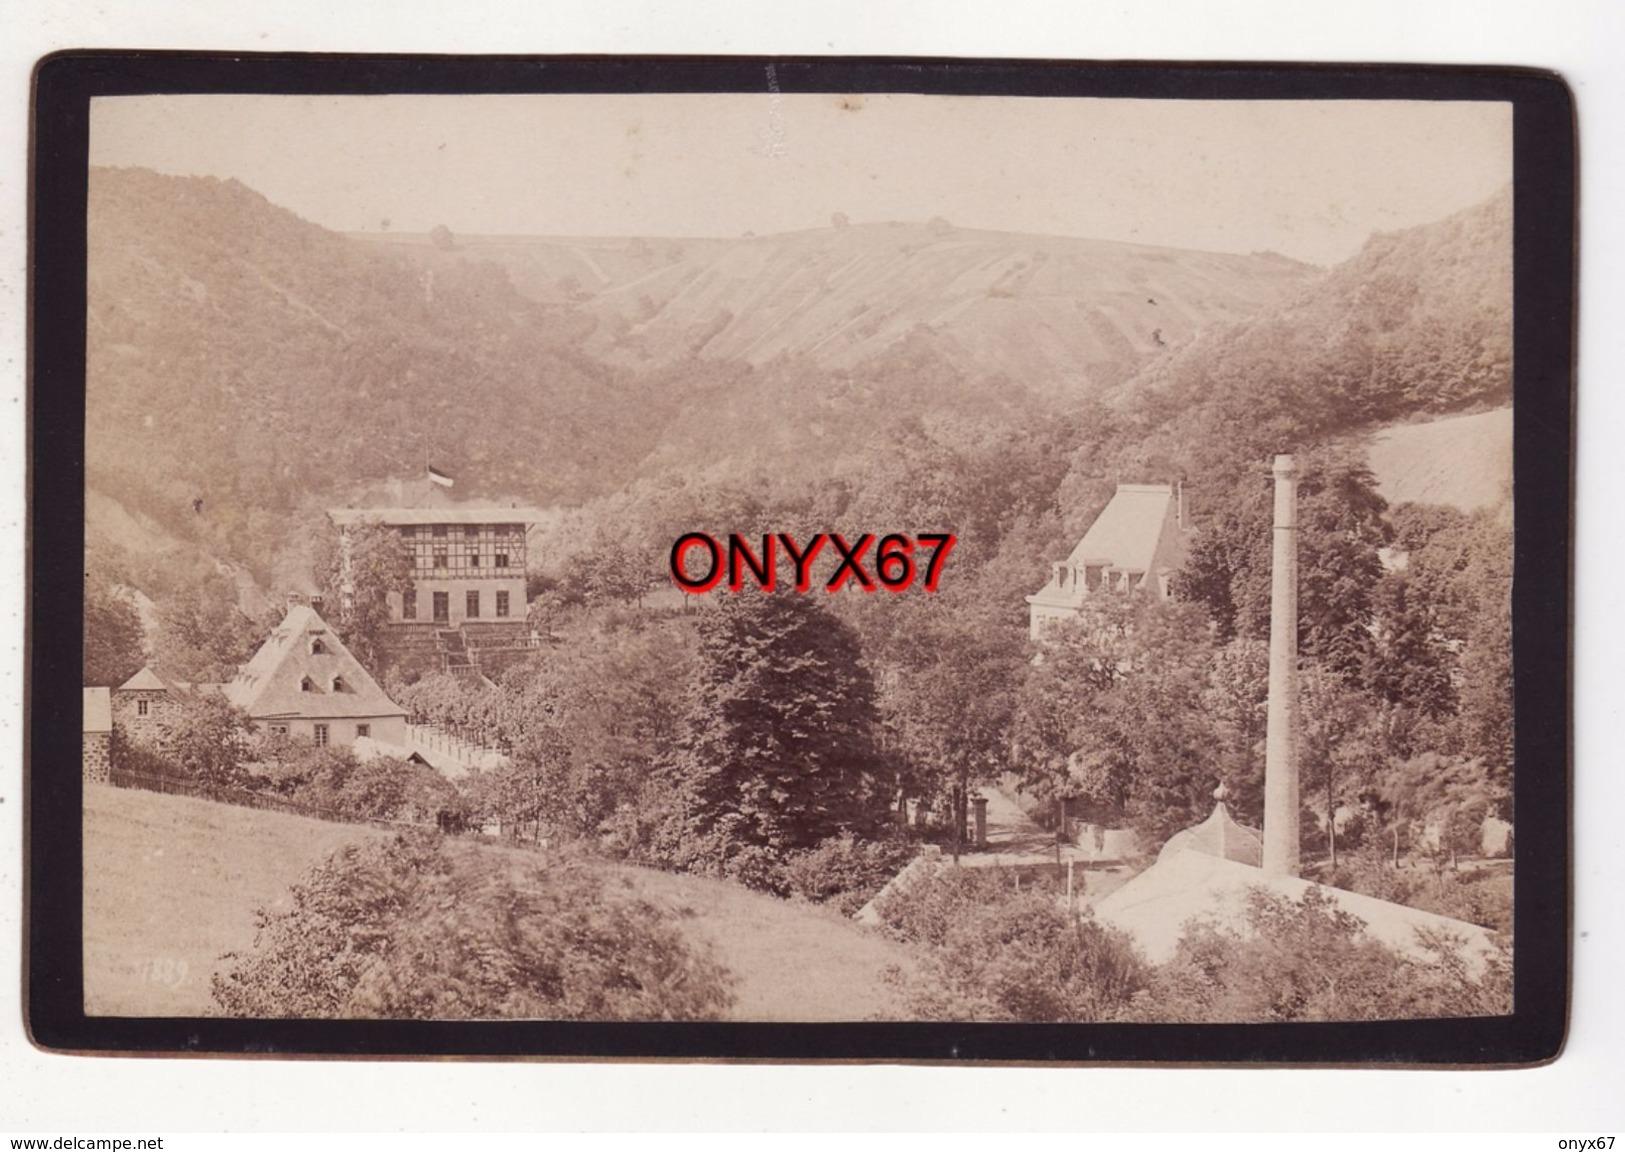 PHOTO CARTONNEE 16,5 X 10,5 Cms - NEUWIED Am Rhein (Allemagne-Deutschland) Foto Albert EISELE Studio Photo RARE - Old (before 1900)